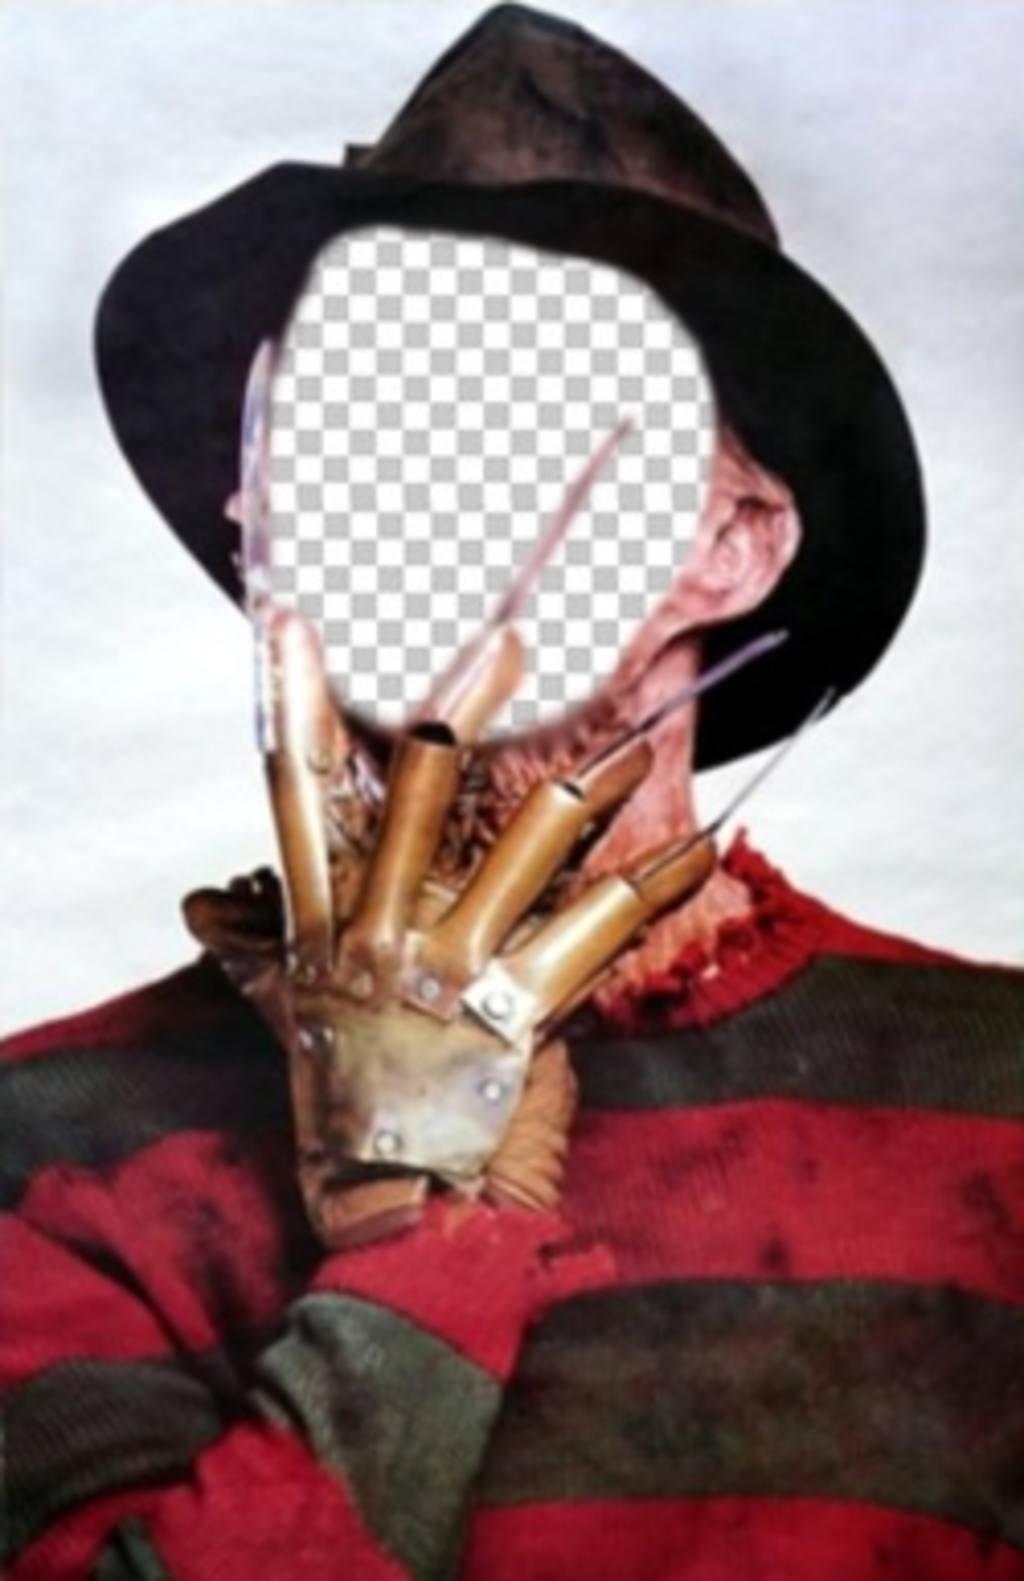 Fotomontage von Freddy Krueger mit seinen Krallen in das Gesicht